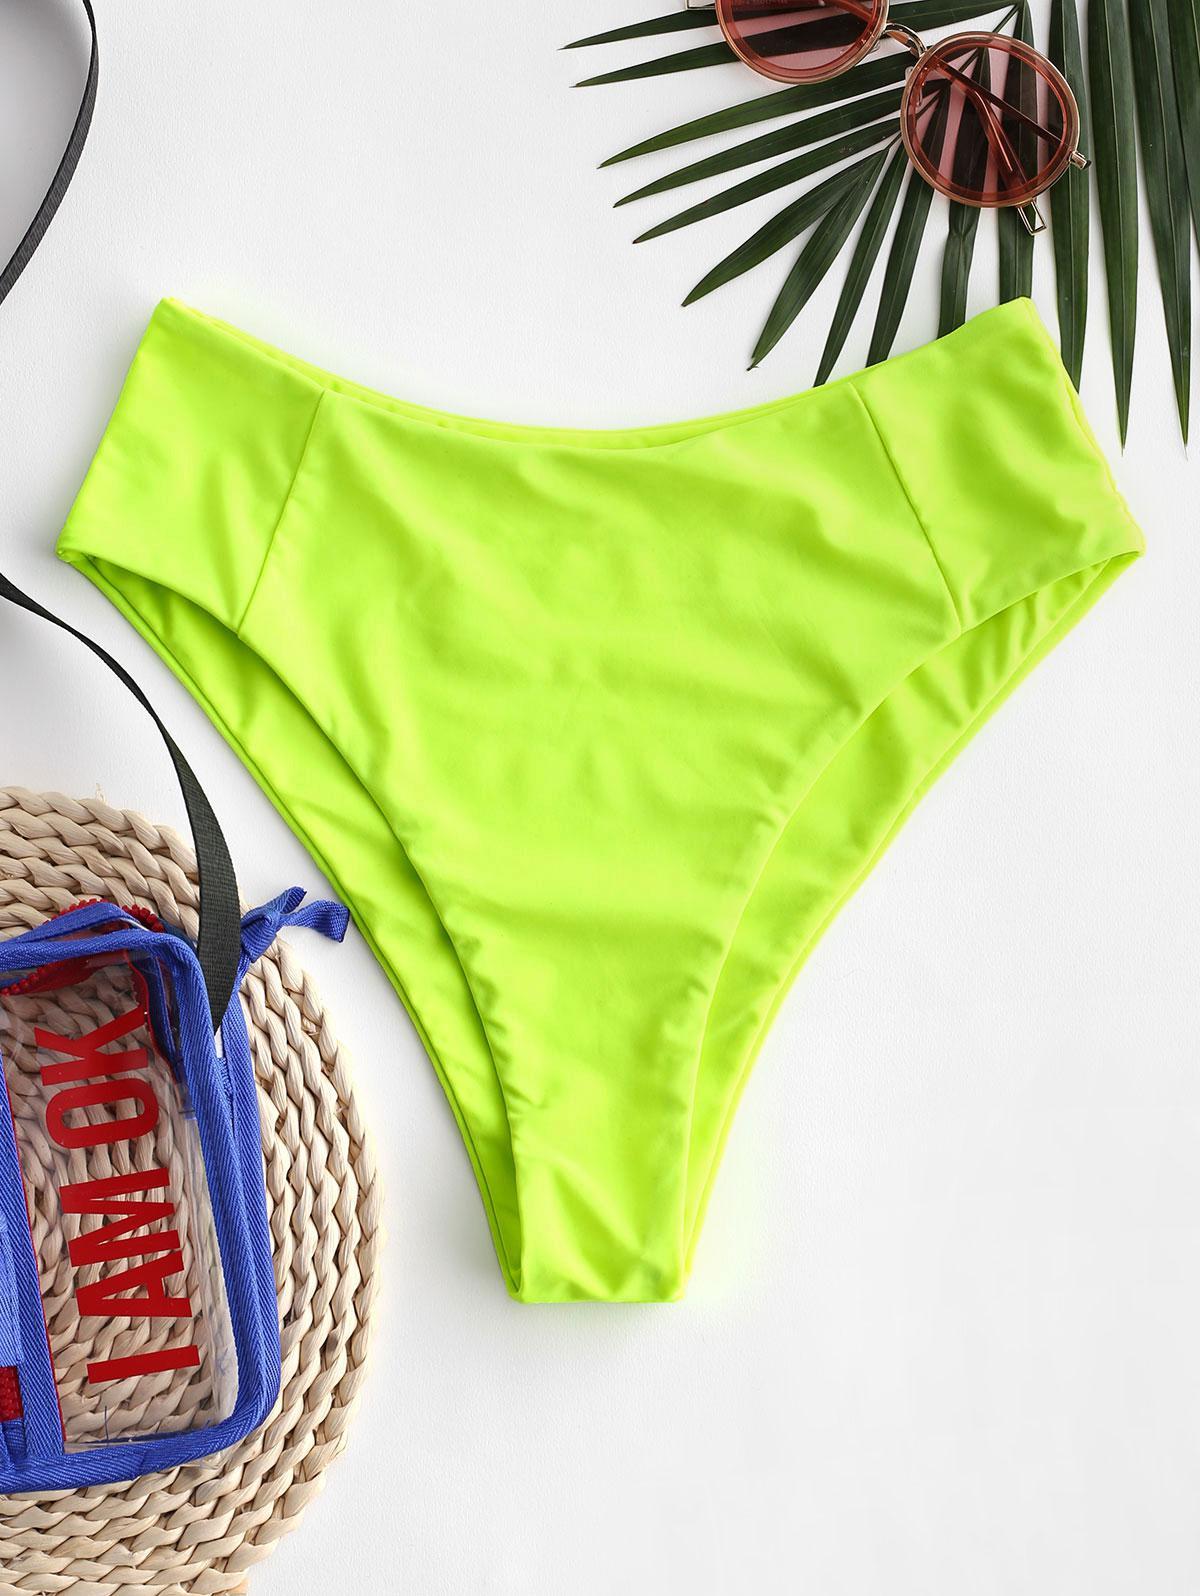 ZAFUL Seam High Leg Bikini Bottom фото